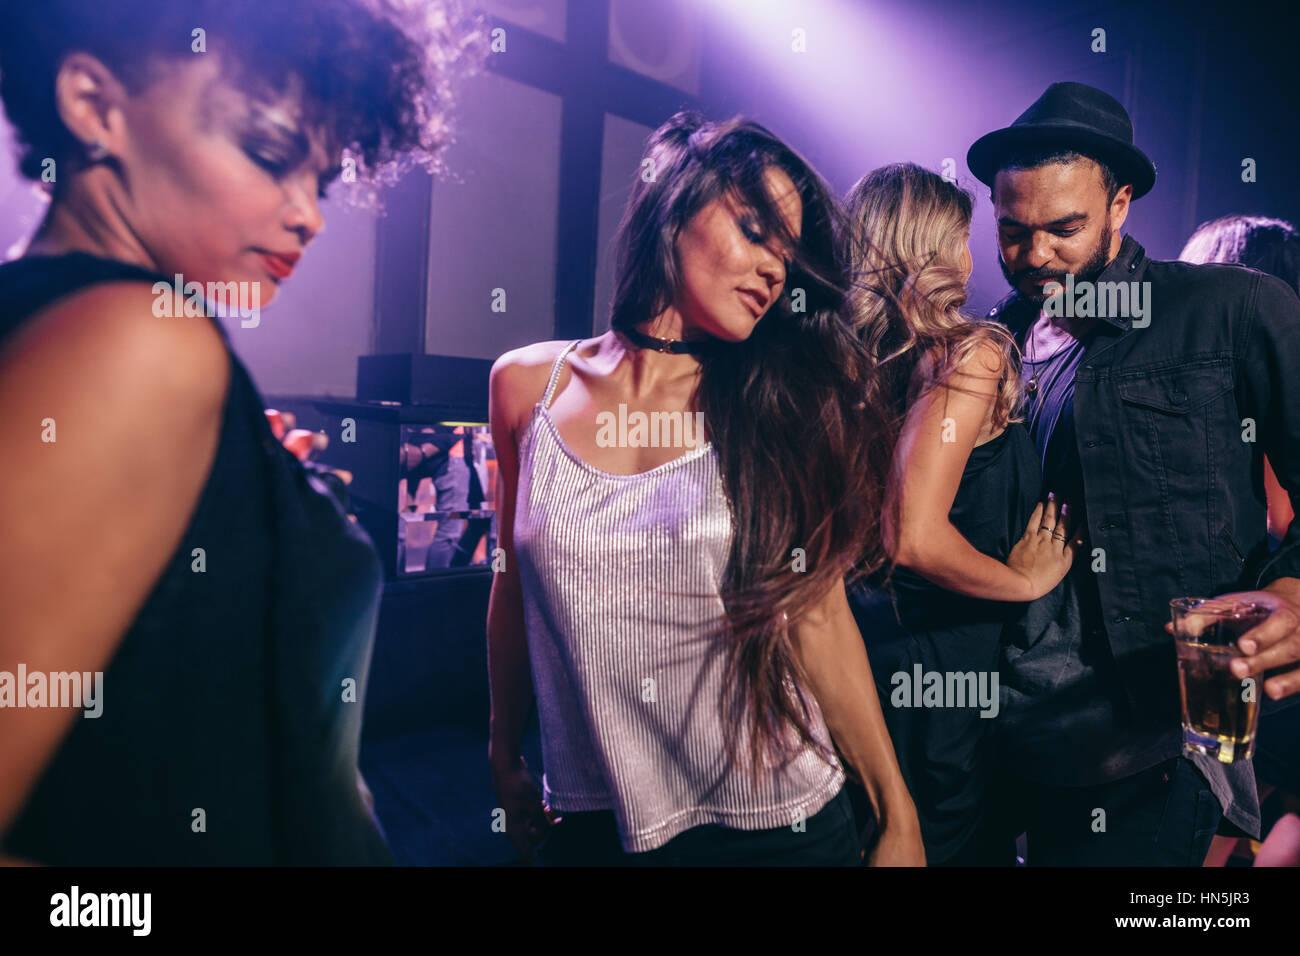 Young woman dancing at party avec des amis à proximité. Groupe de jeunes s'amusant à la discothèque. Photo Stock